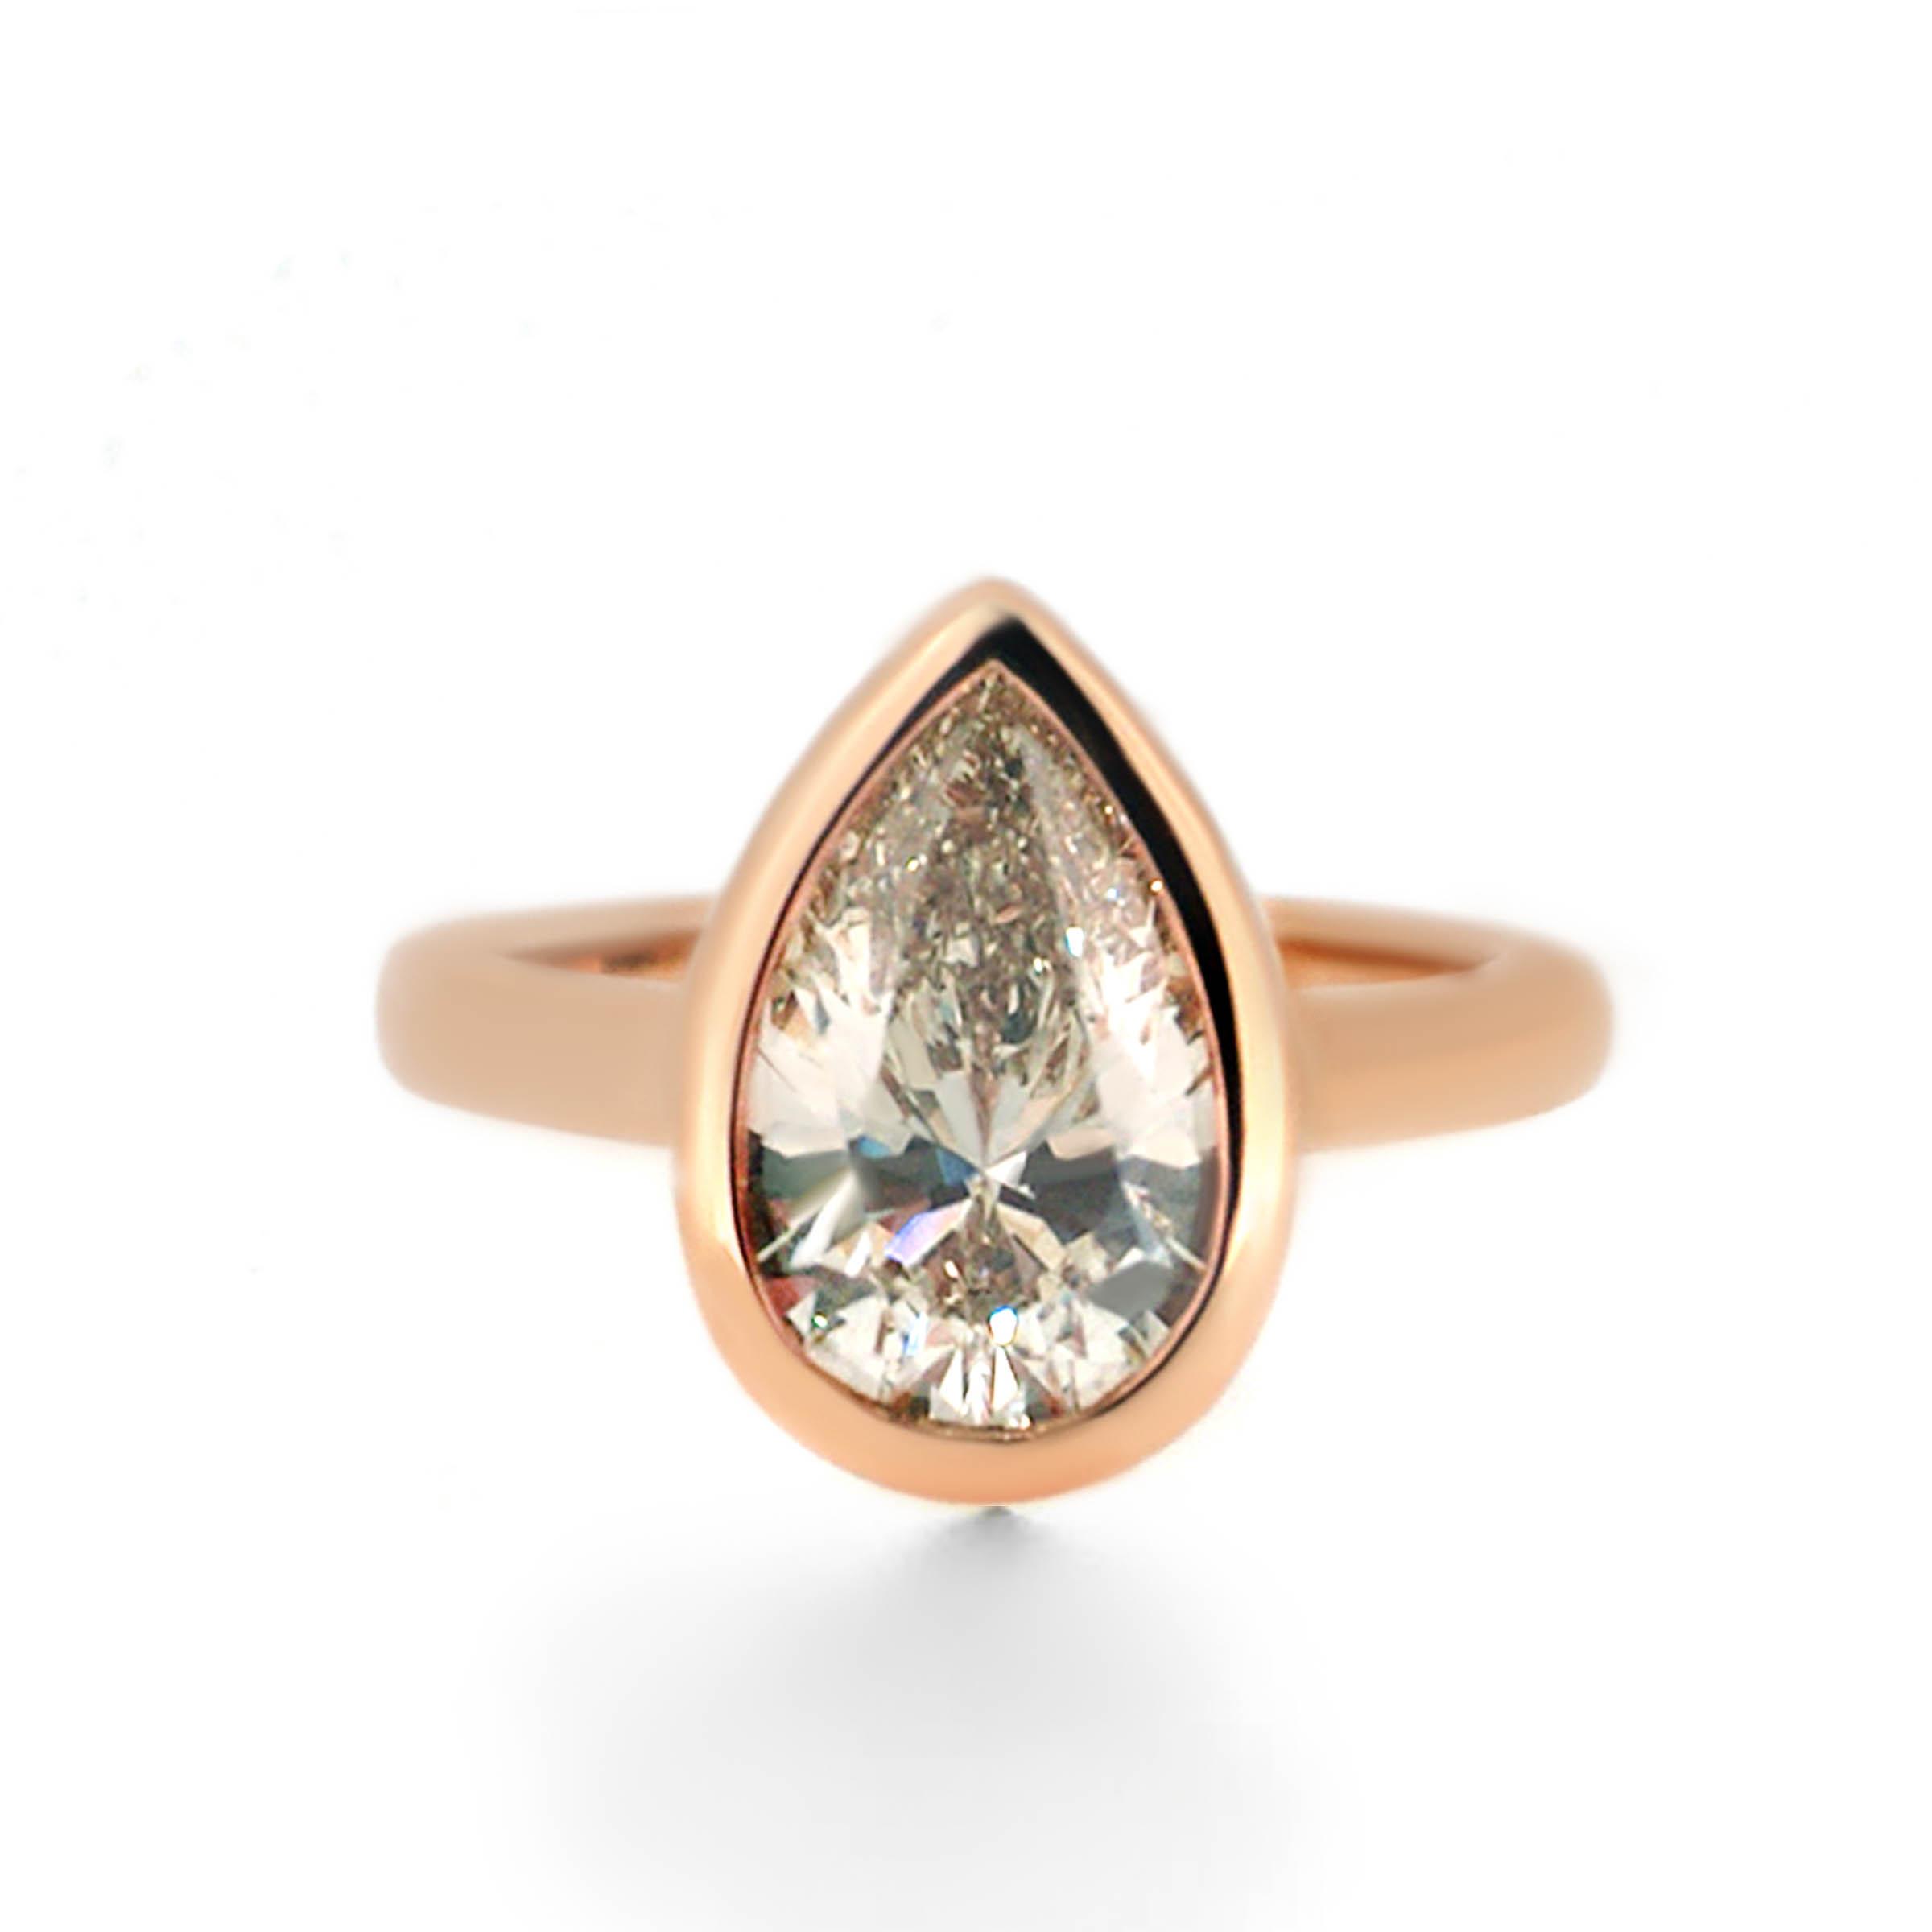 champagne diamond engagement ring- haywards of hong kong